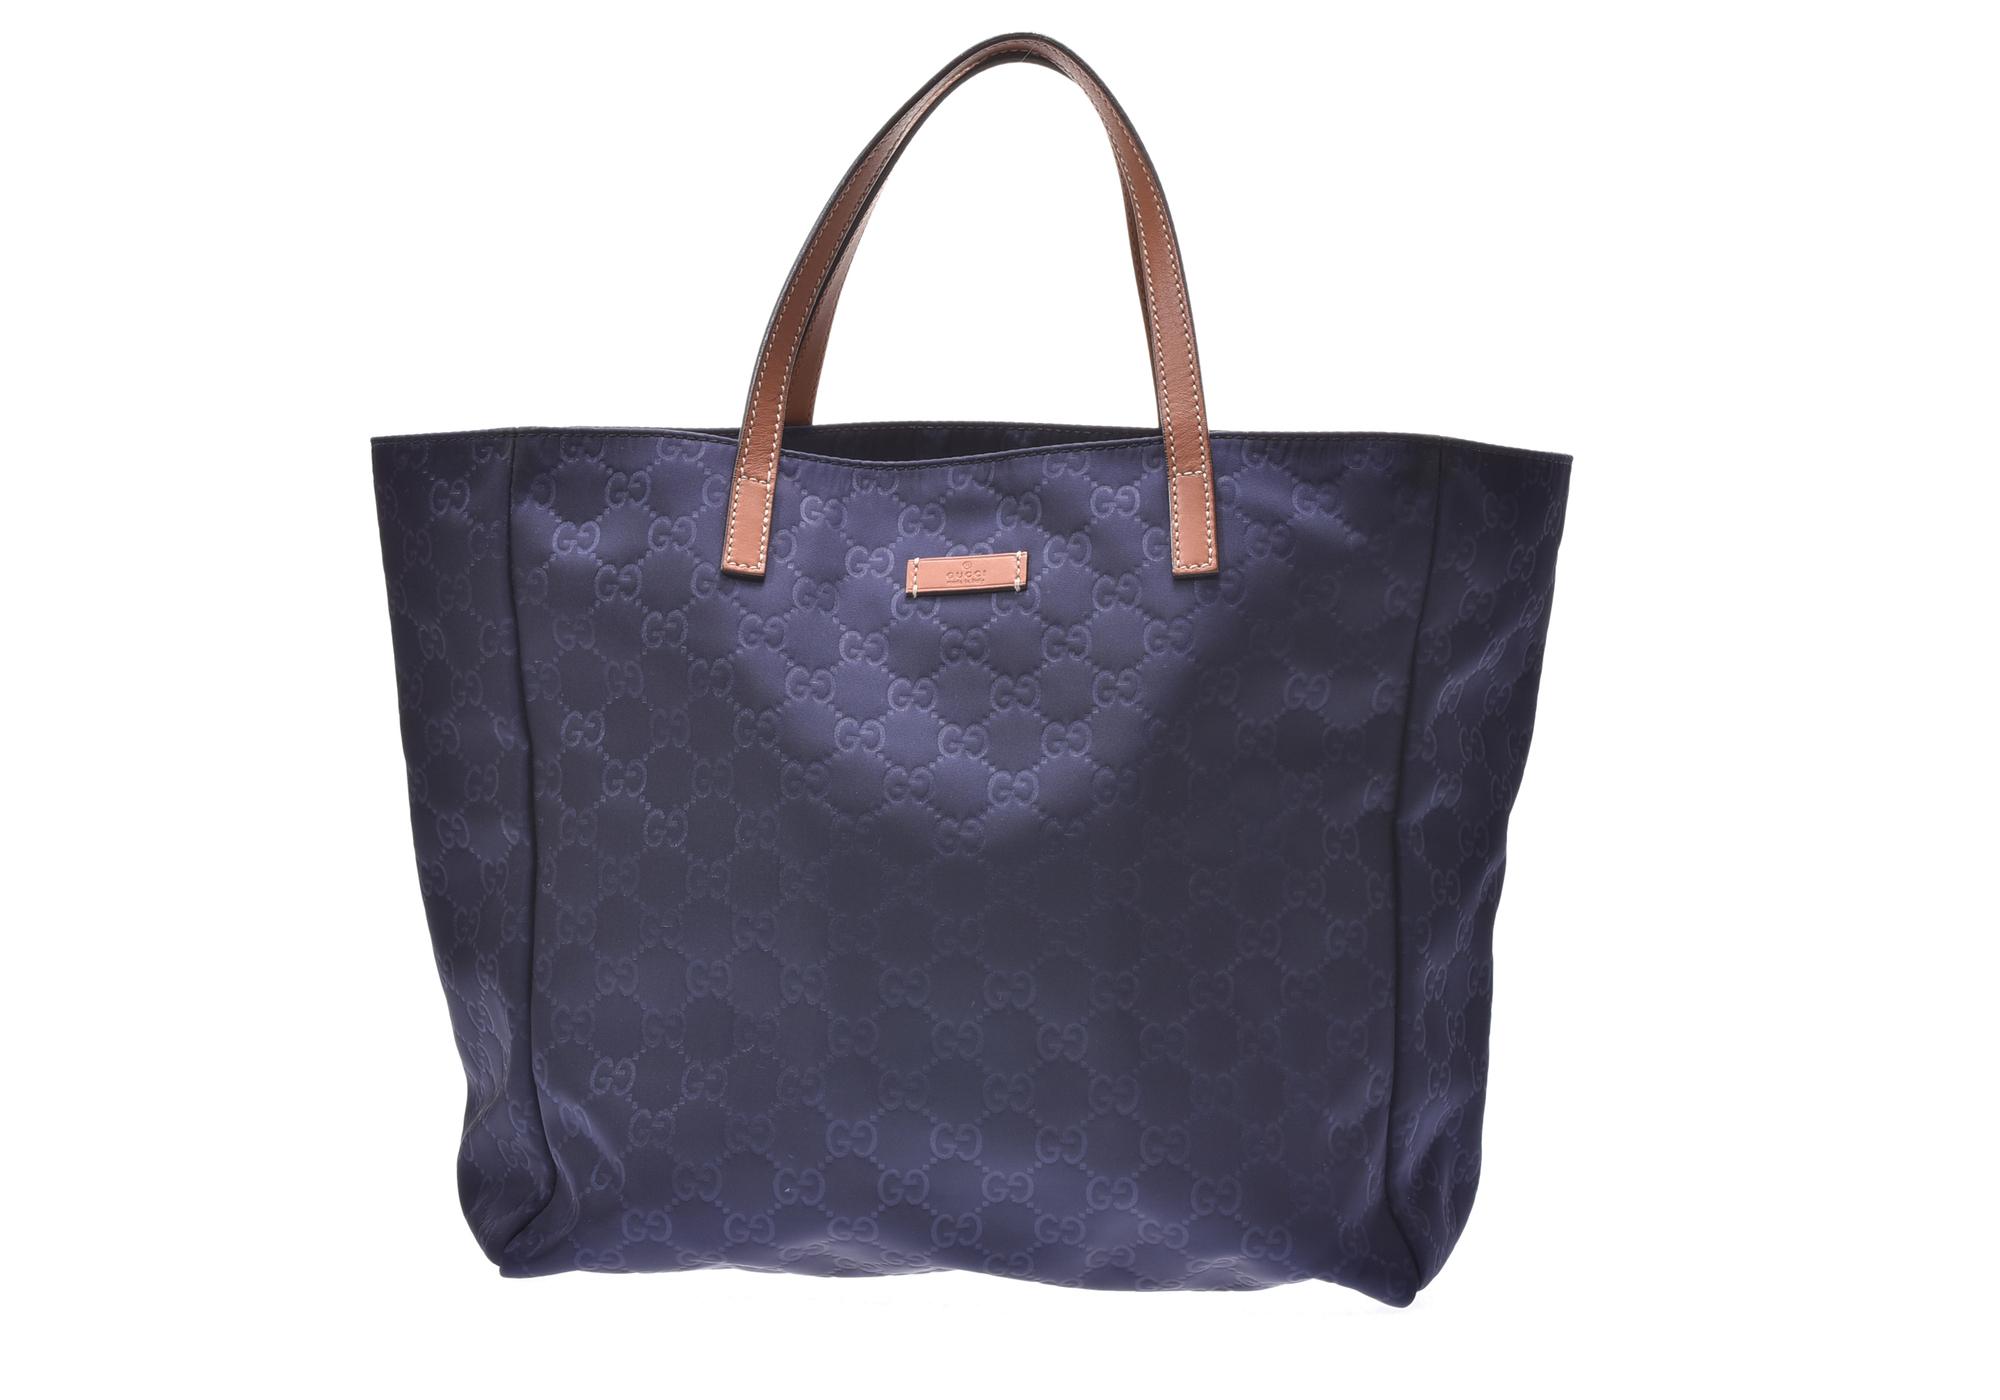 e80e27b75e66f9 Authentic Gucci Nylon Tote Bag Blue 805000920500000 | eBay